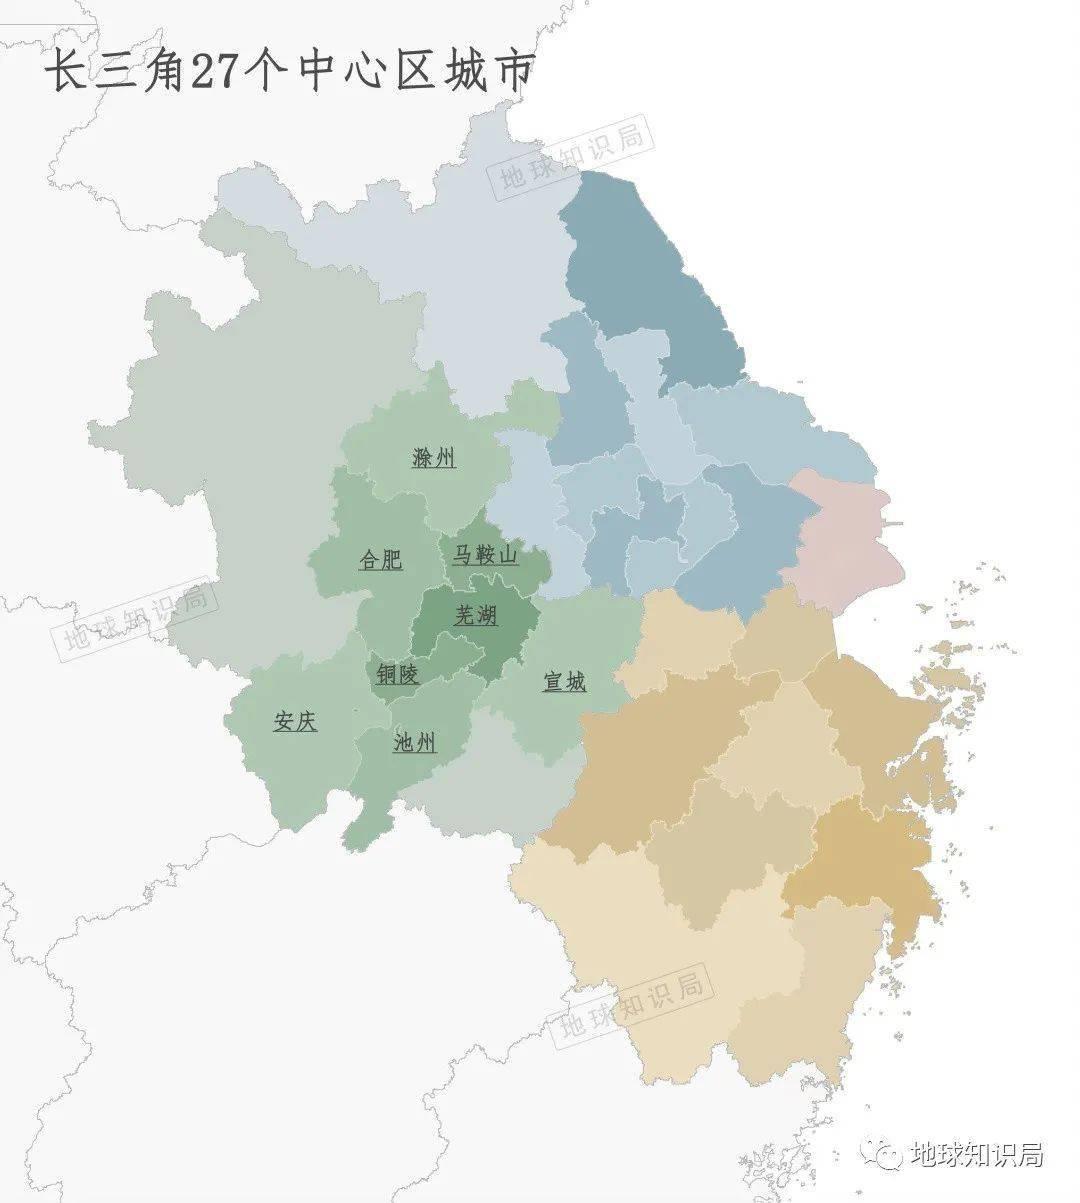 安徽人均gdp_安徽各县人均gdp地图